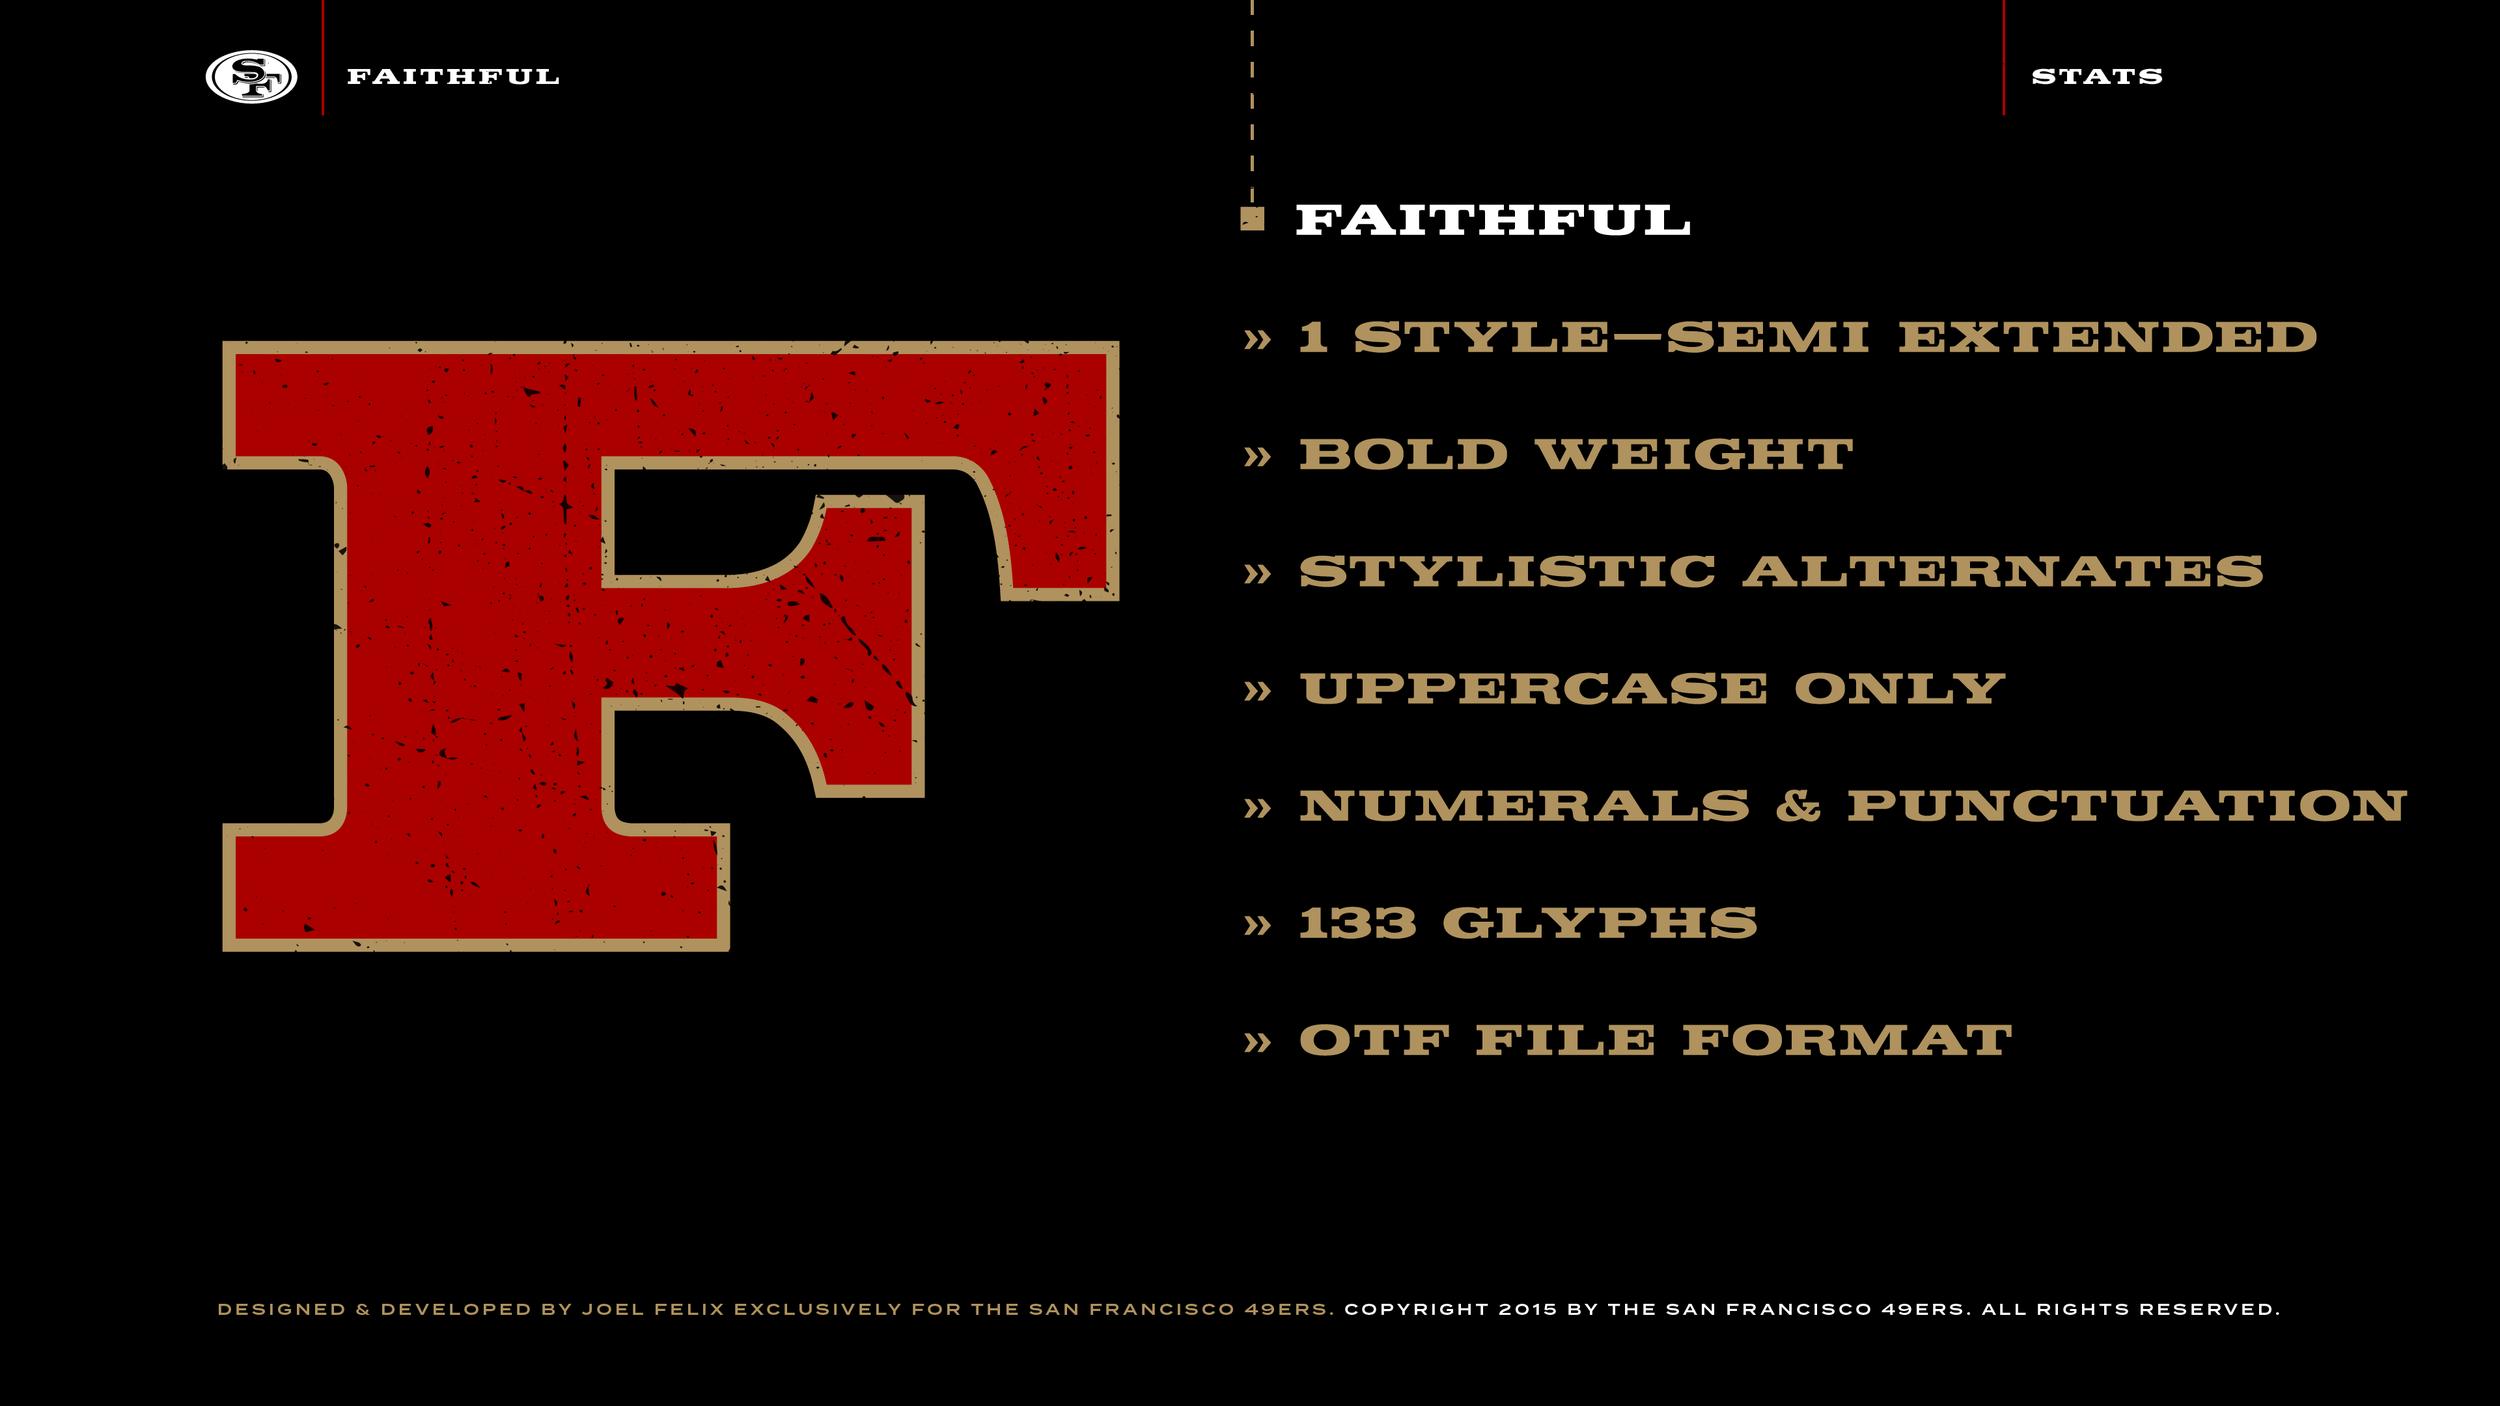 faithful_font_joelfelix_6